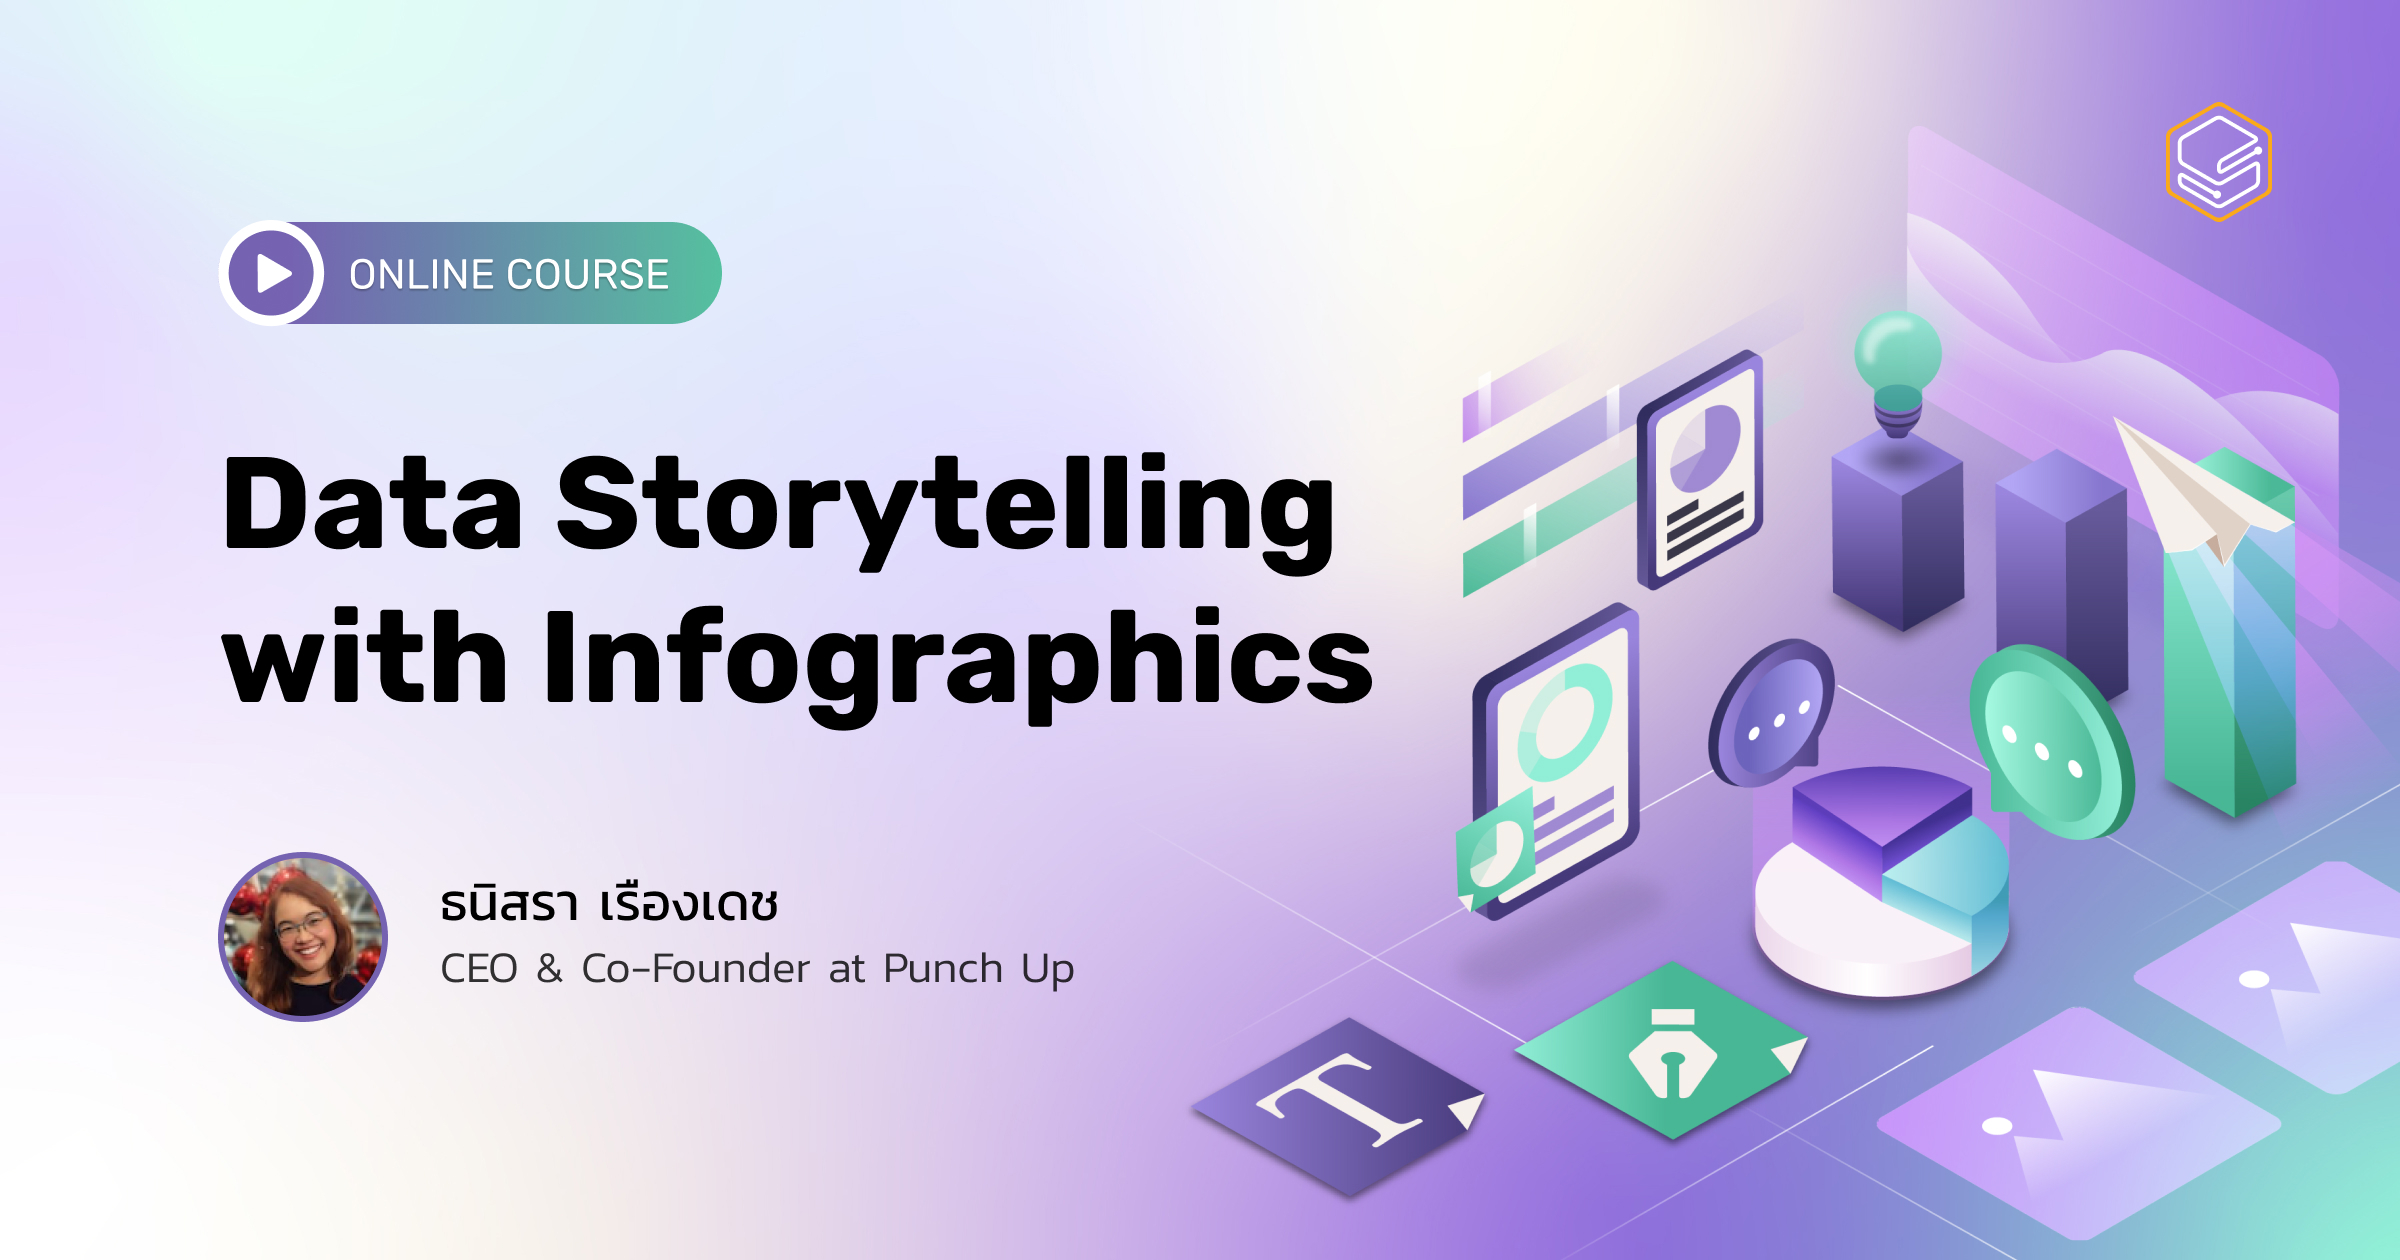 เล่าเรื่องด้วยข้อมูลให้ง่ายและสวยงามด้วย Infographics | Skooldio Online Course: Data Storytelling with Infographics